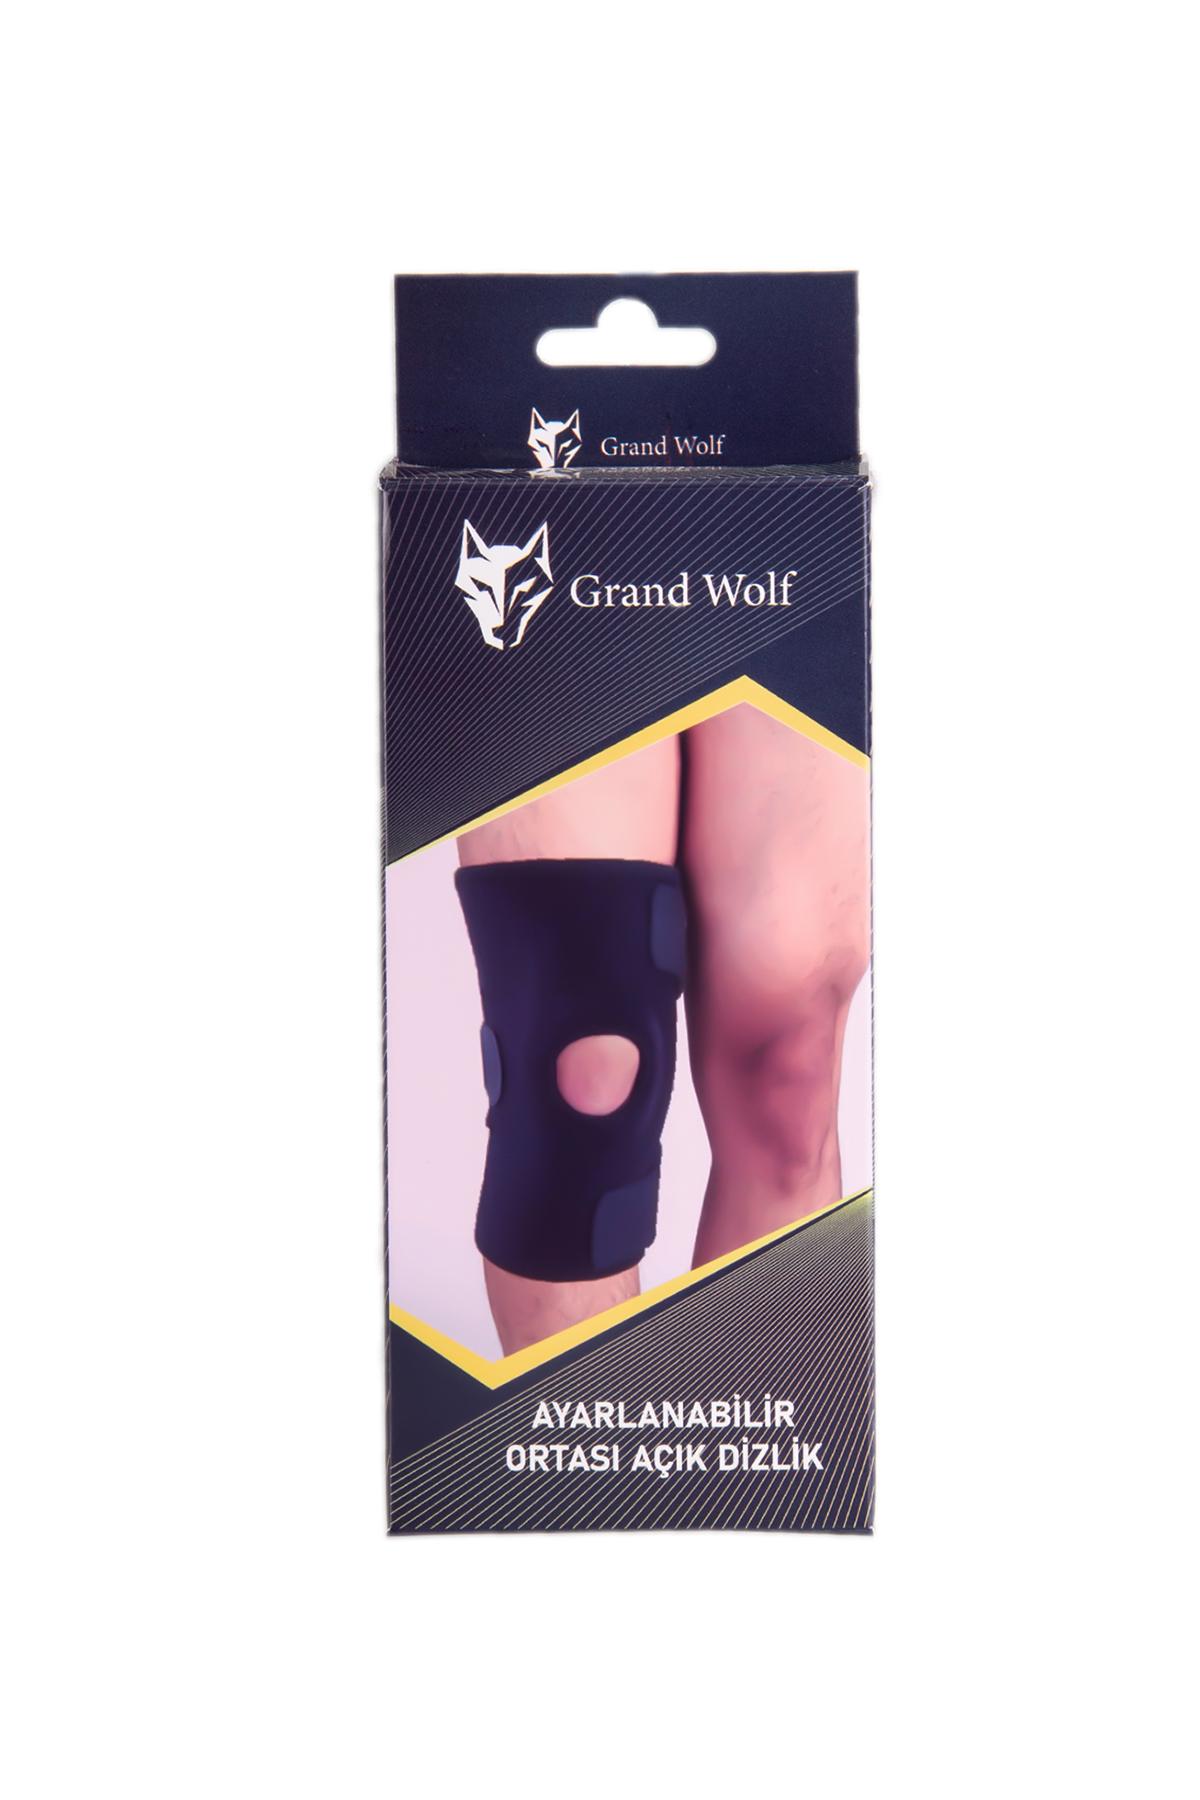 Grand Wolf Ayarlanabilir Ortası Açık Dizlik (GW-OAB)